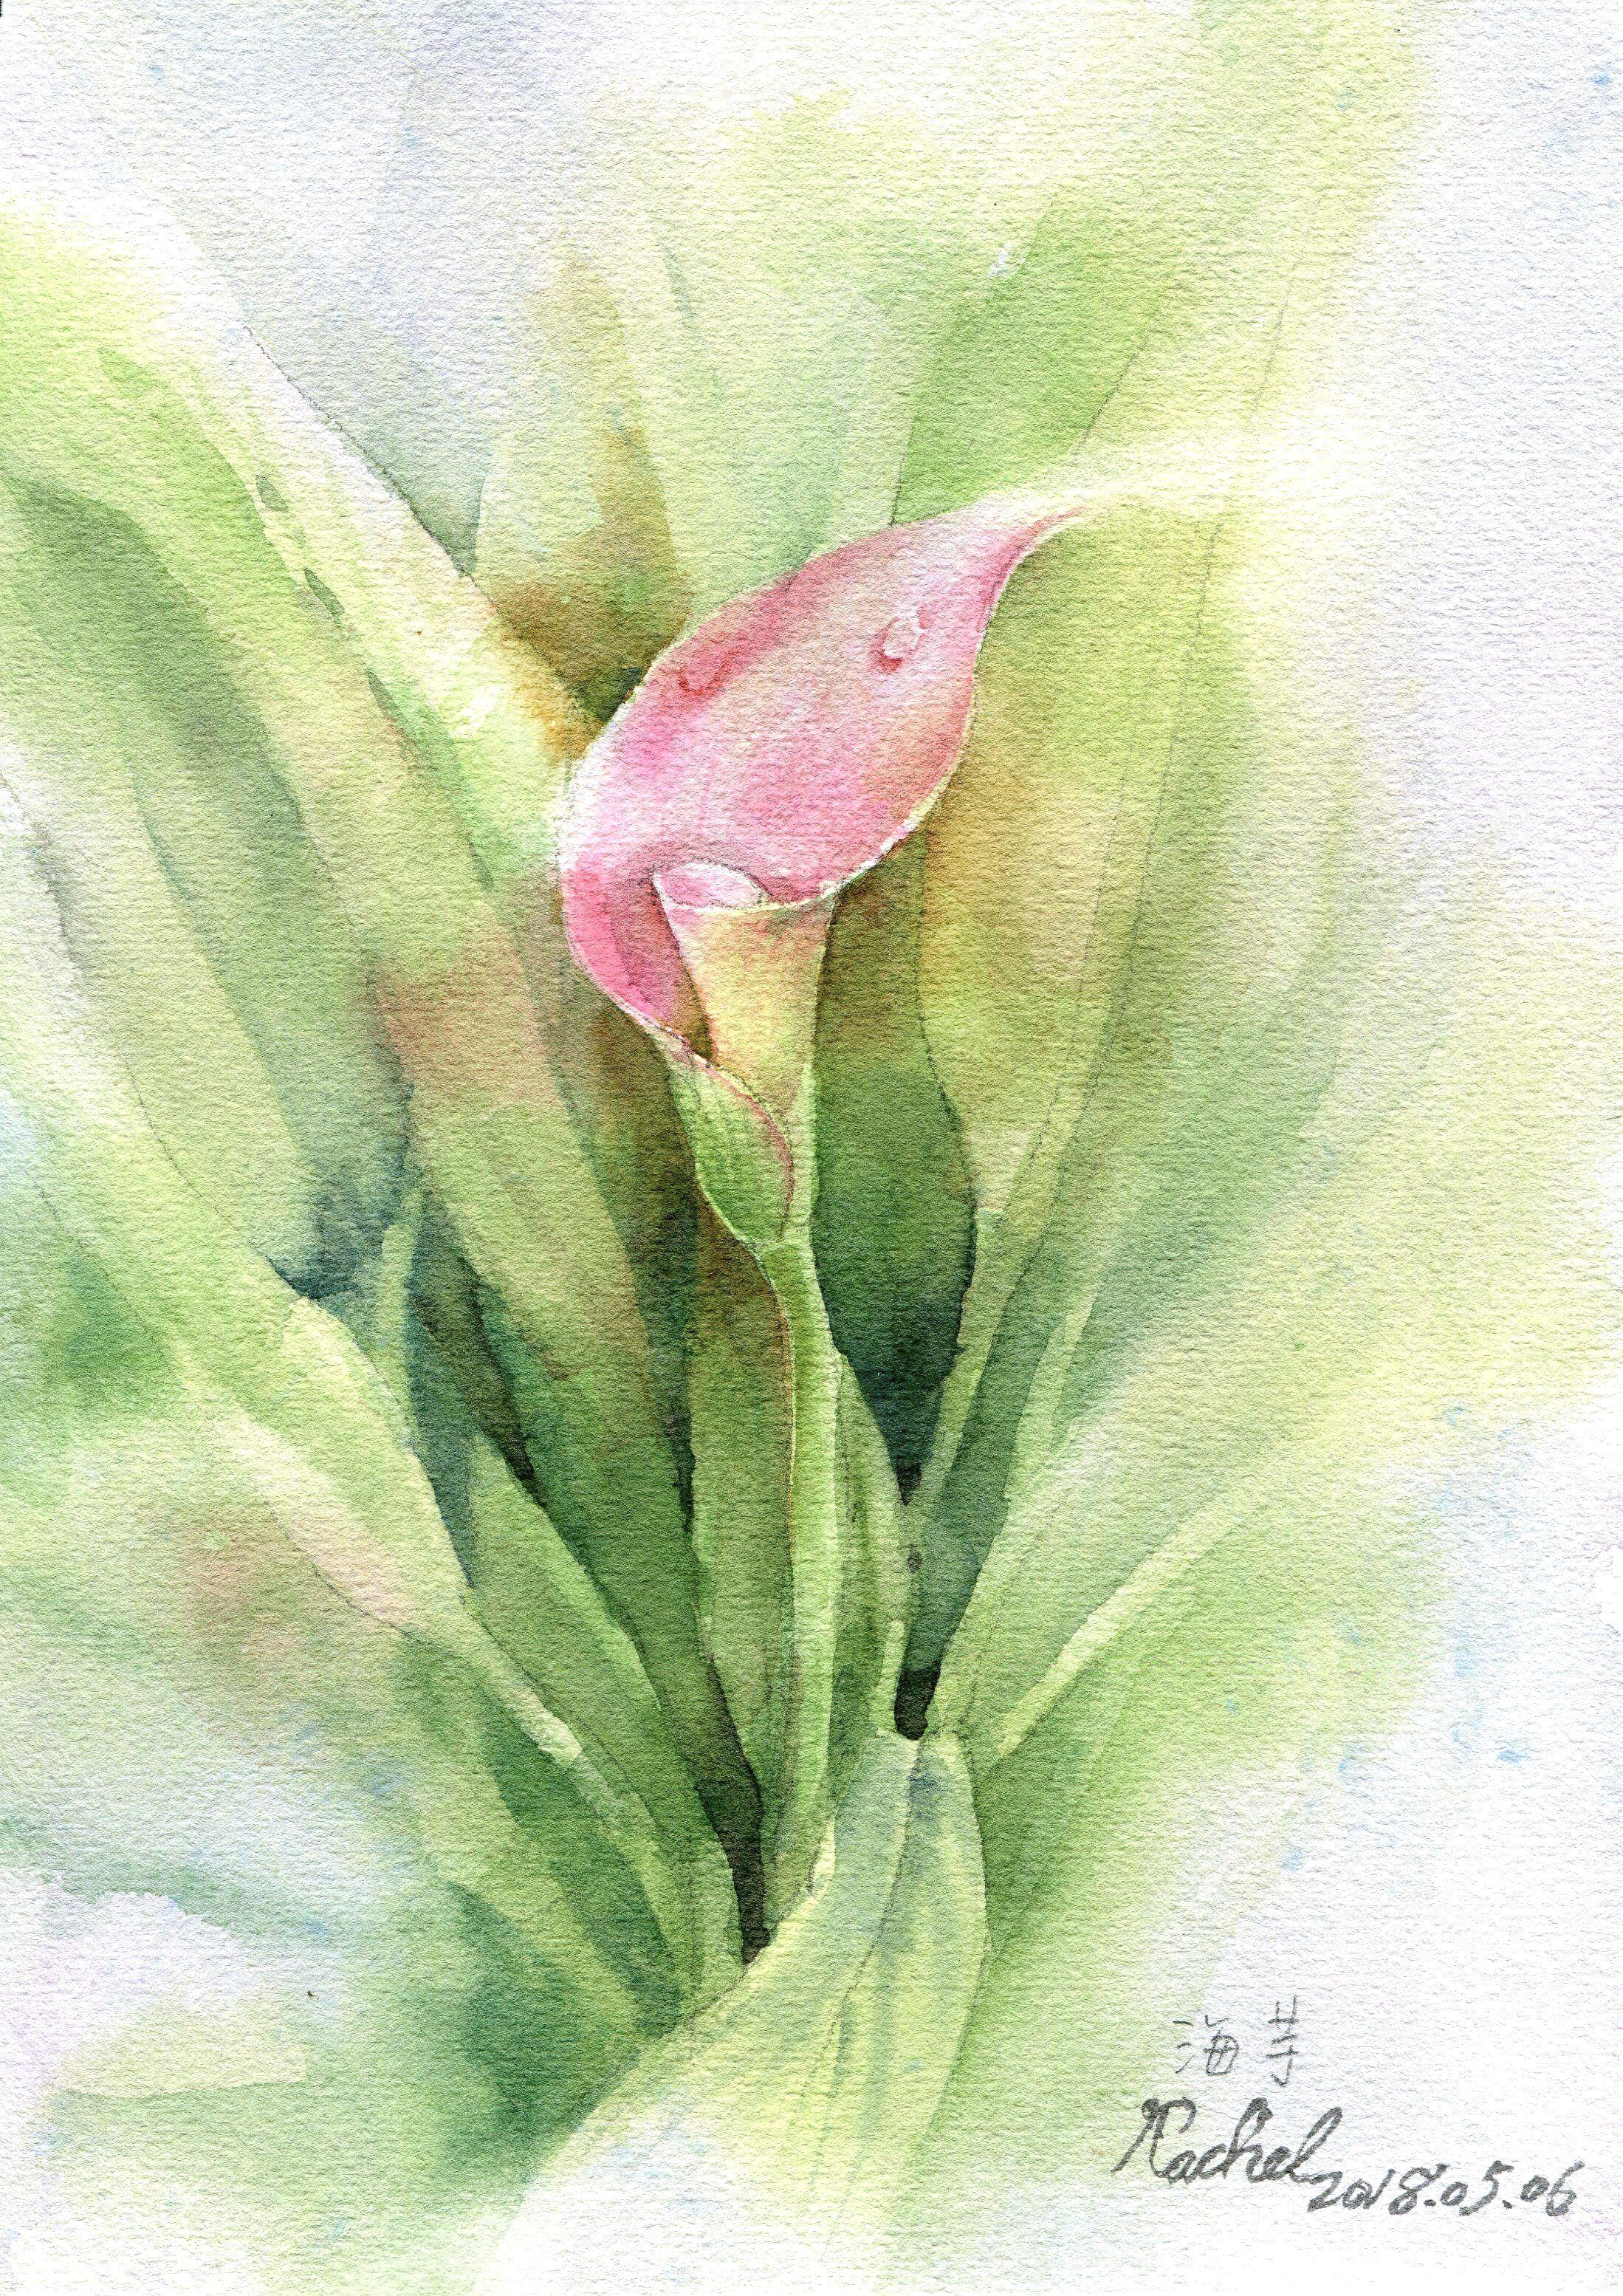 海芋 Rachel愛畫畫 植物畫 Watercolor 水彩 Plant Leaves